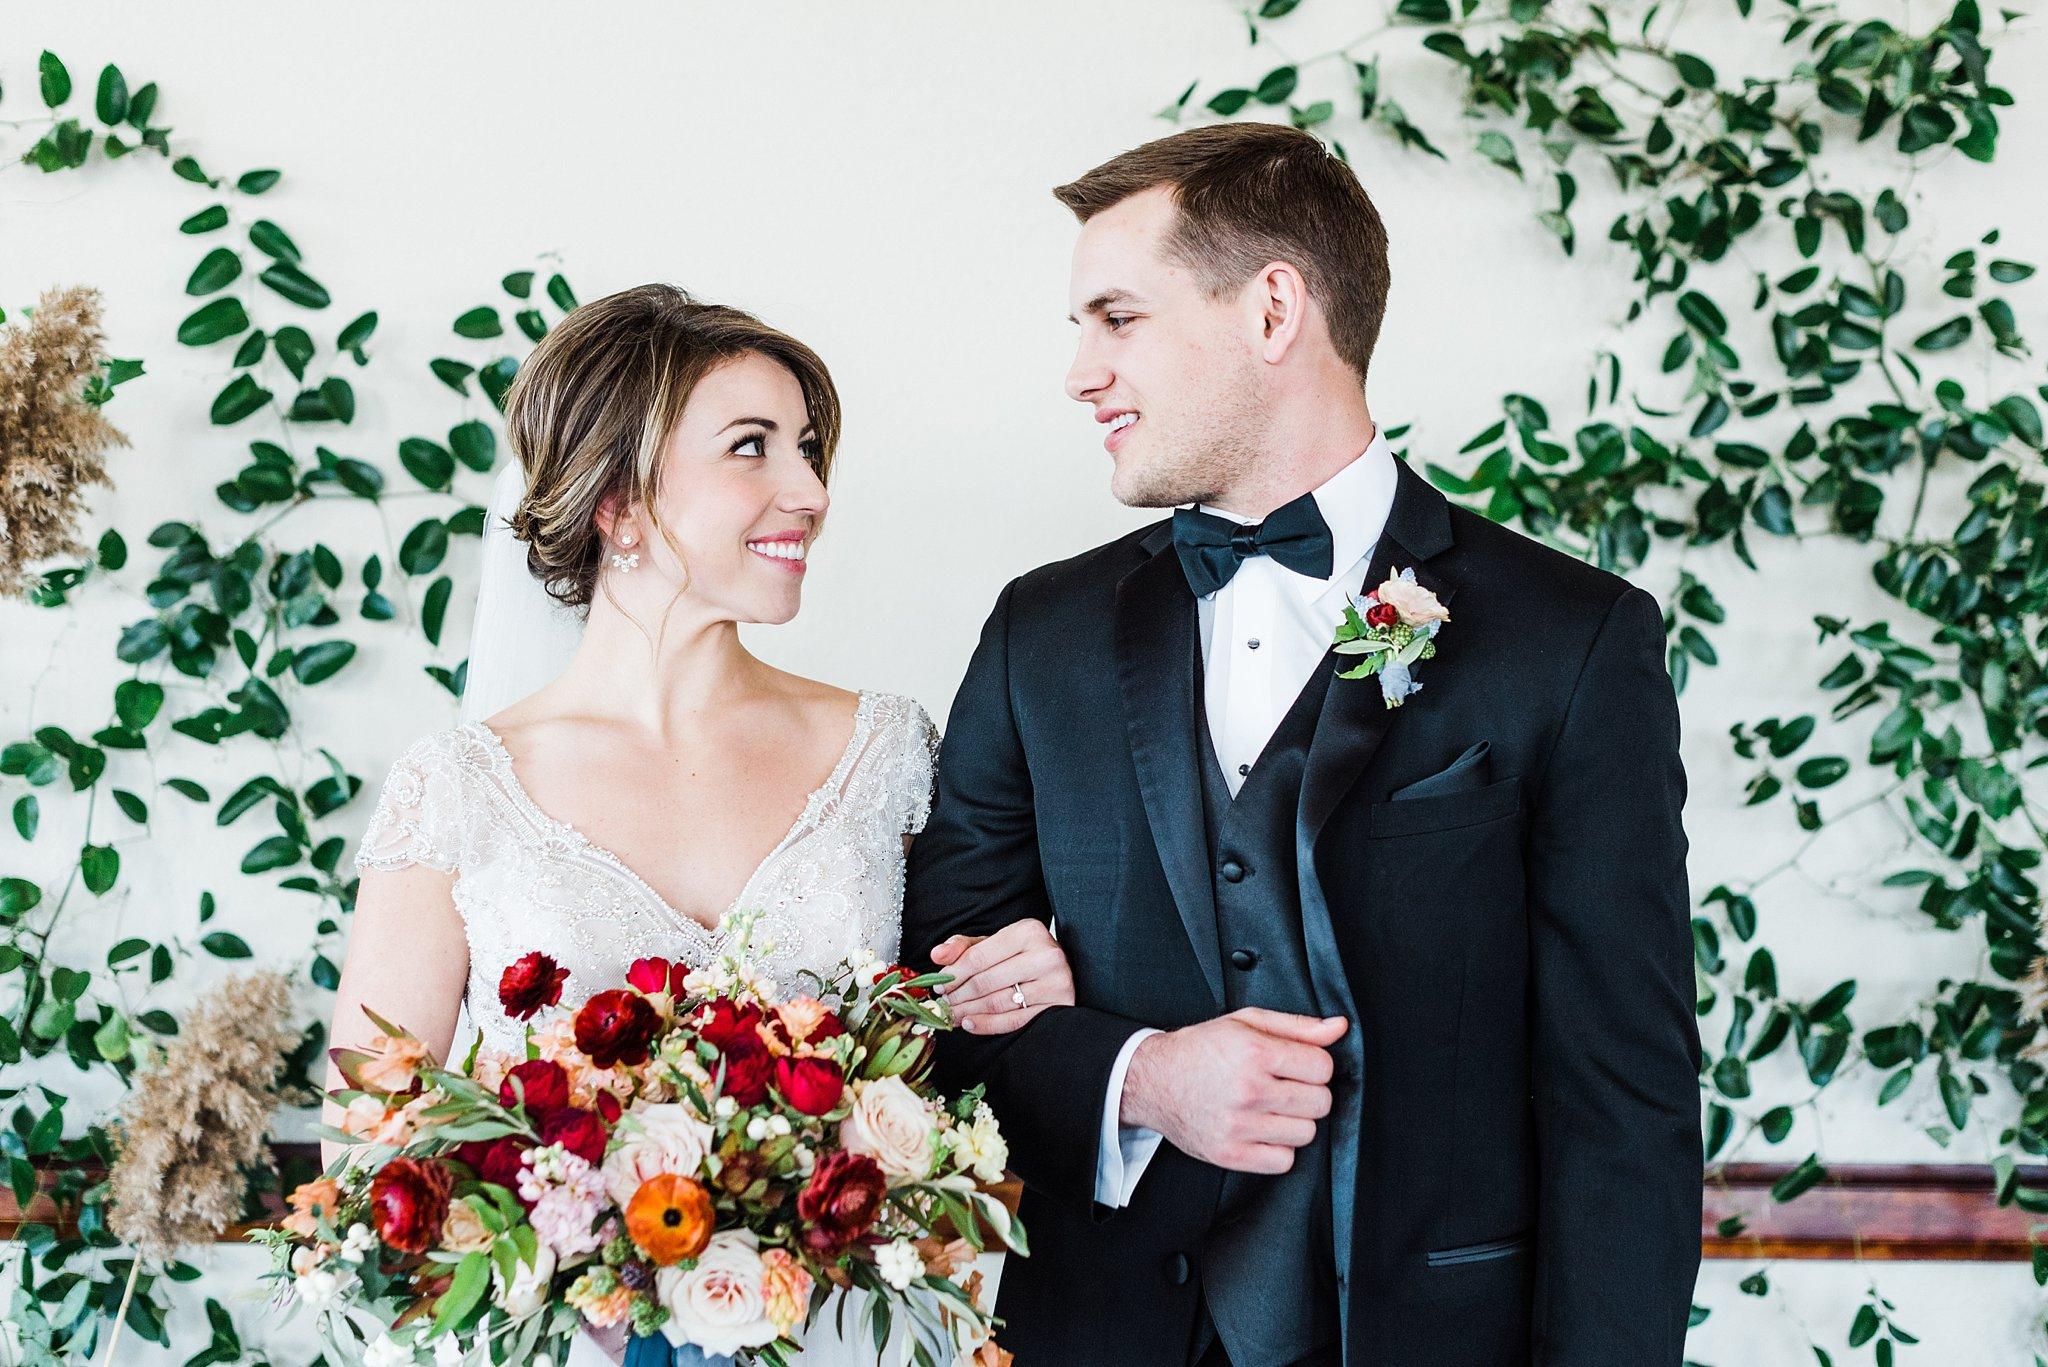 cincinnati wedding photographer42.jpg